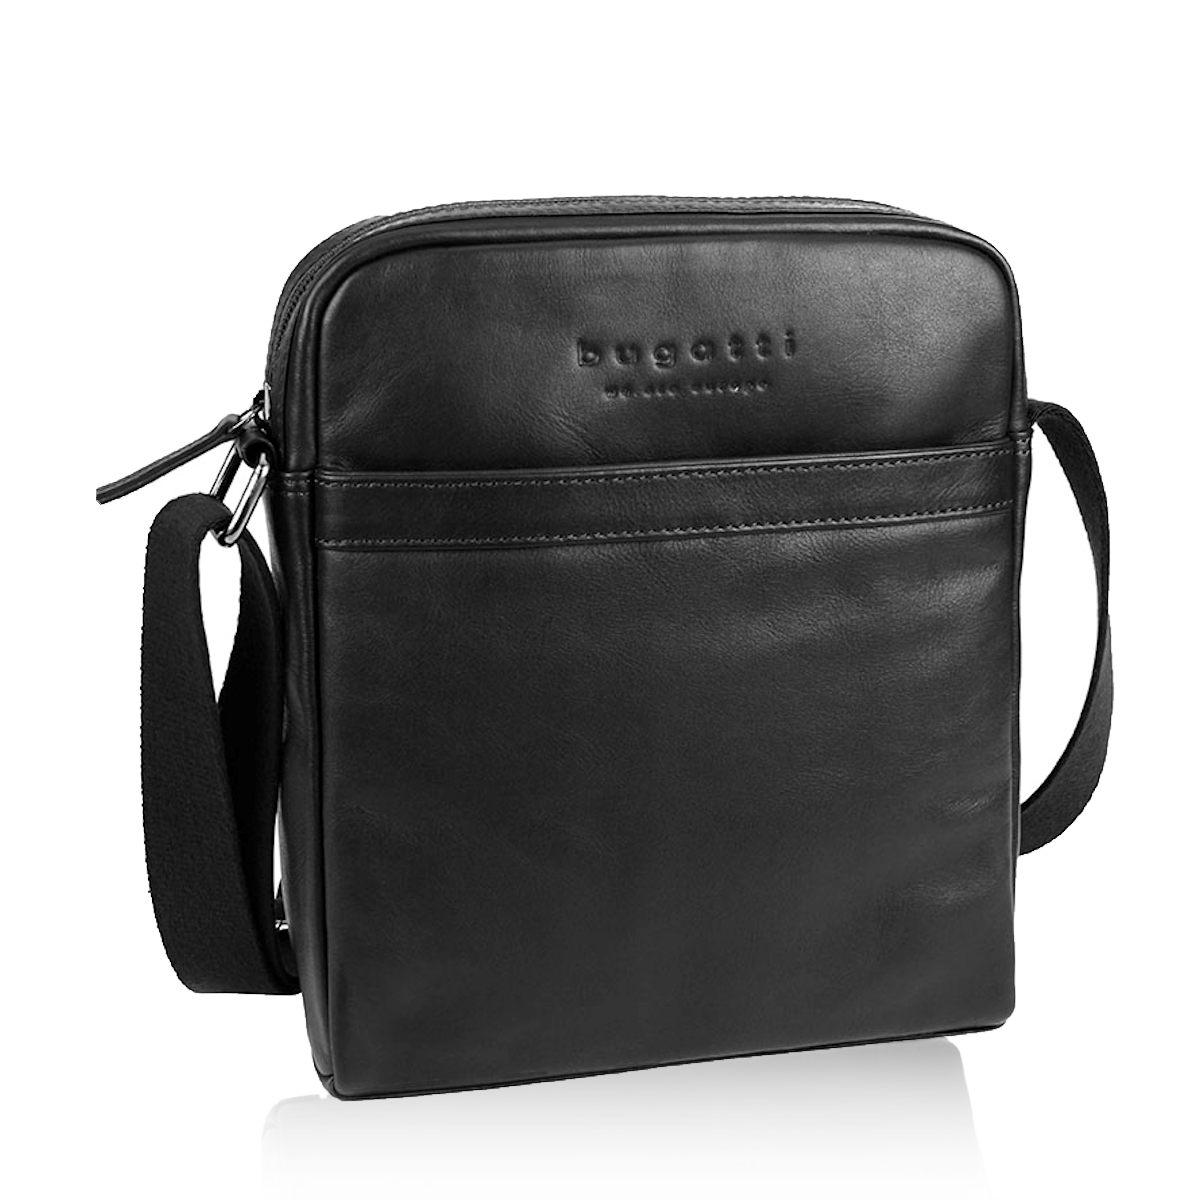 Bugatti pánská kožená taška - černá